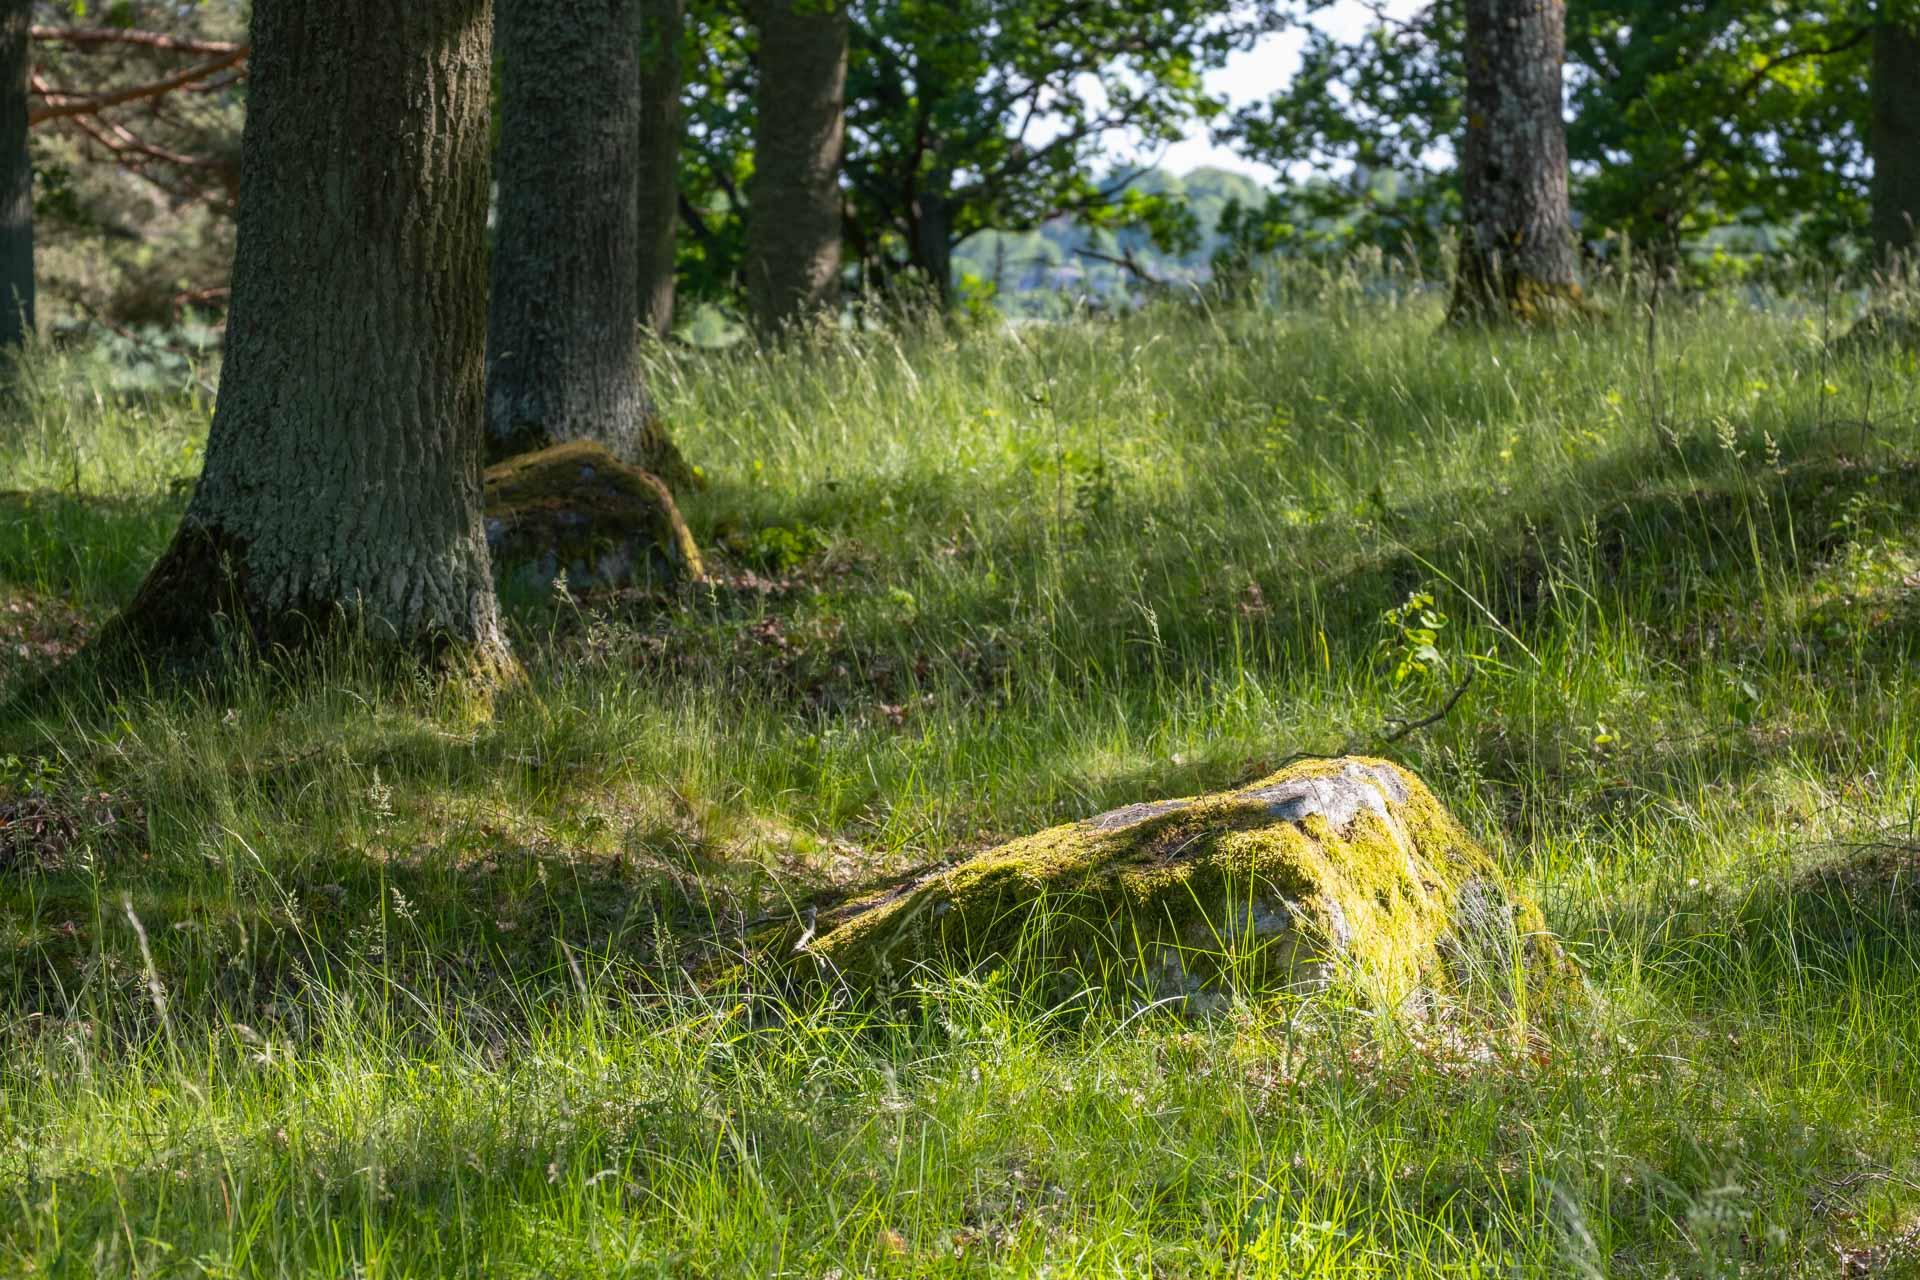 Bildfeeling sten i skog